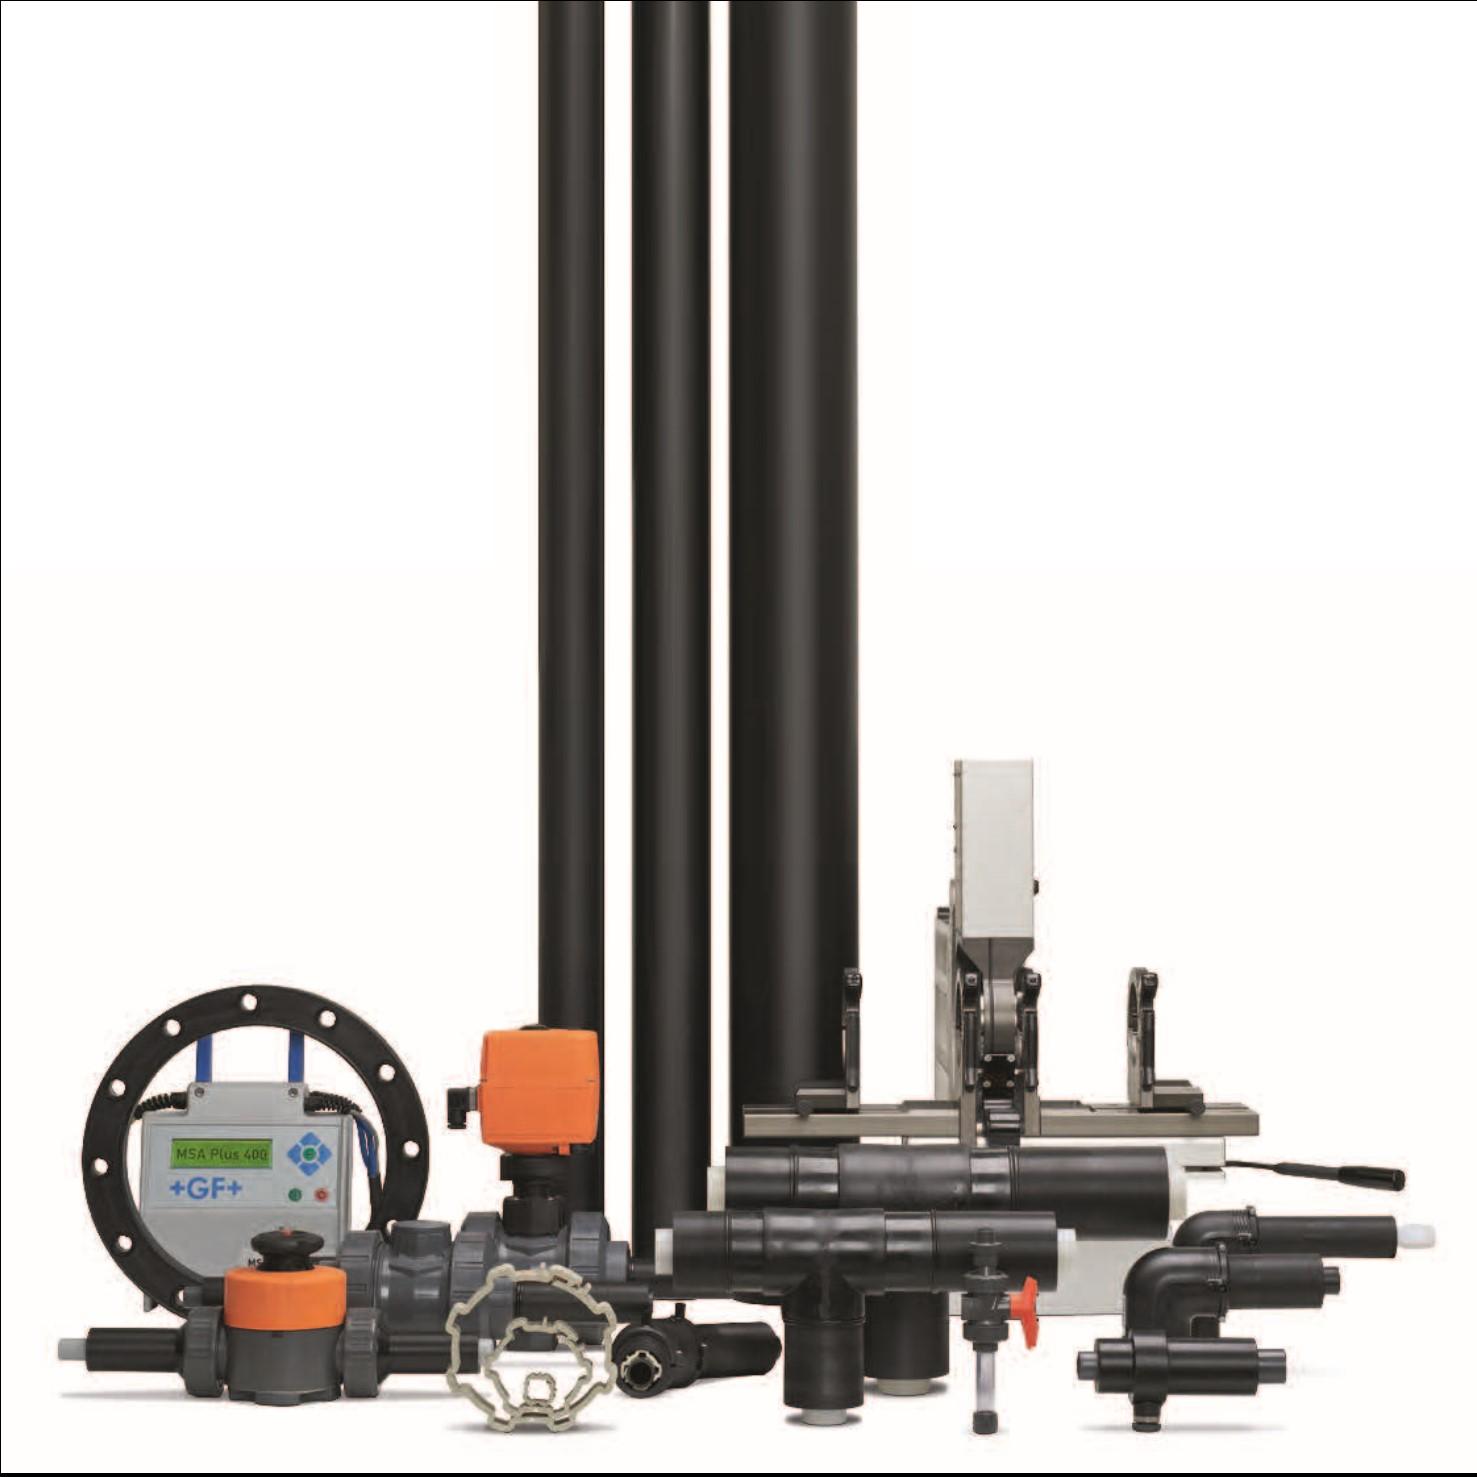 Dubbelwandige industriële kunststof leidingsystemen